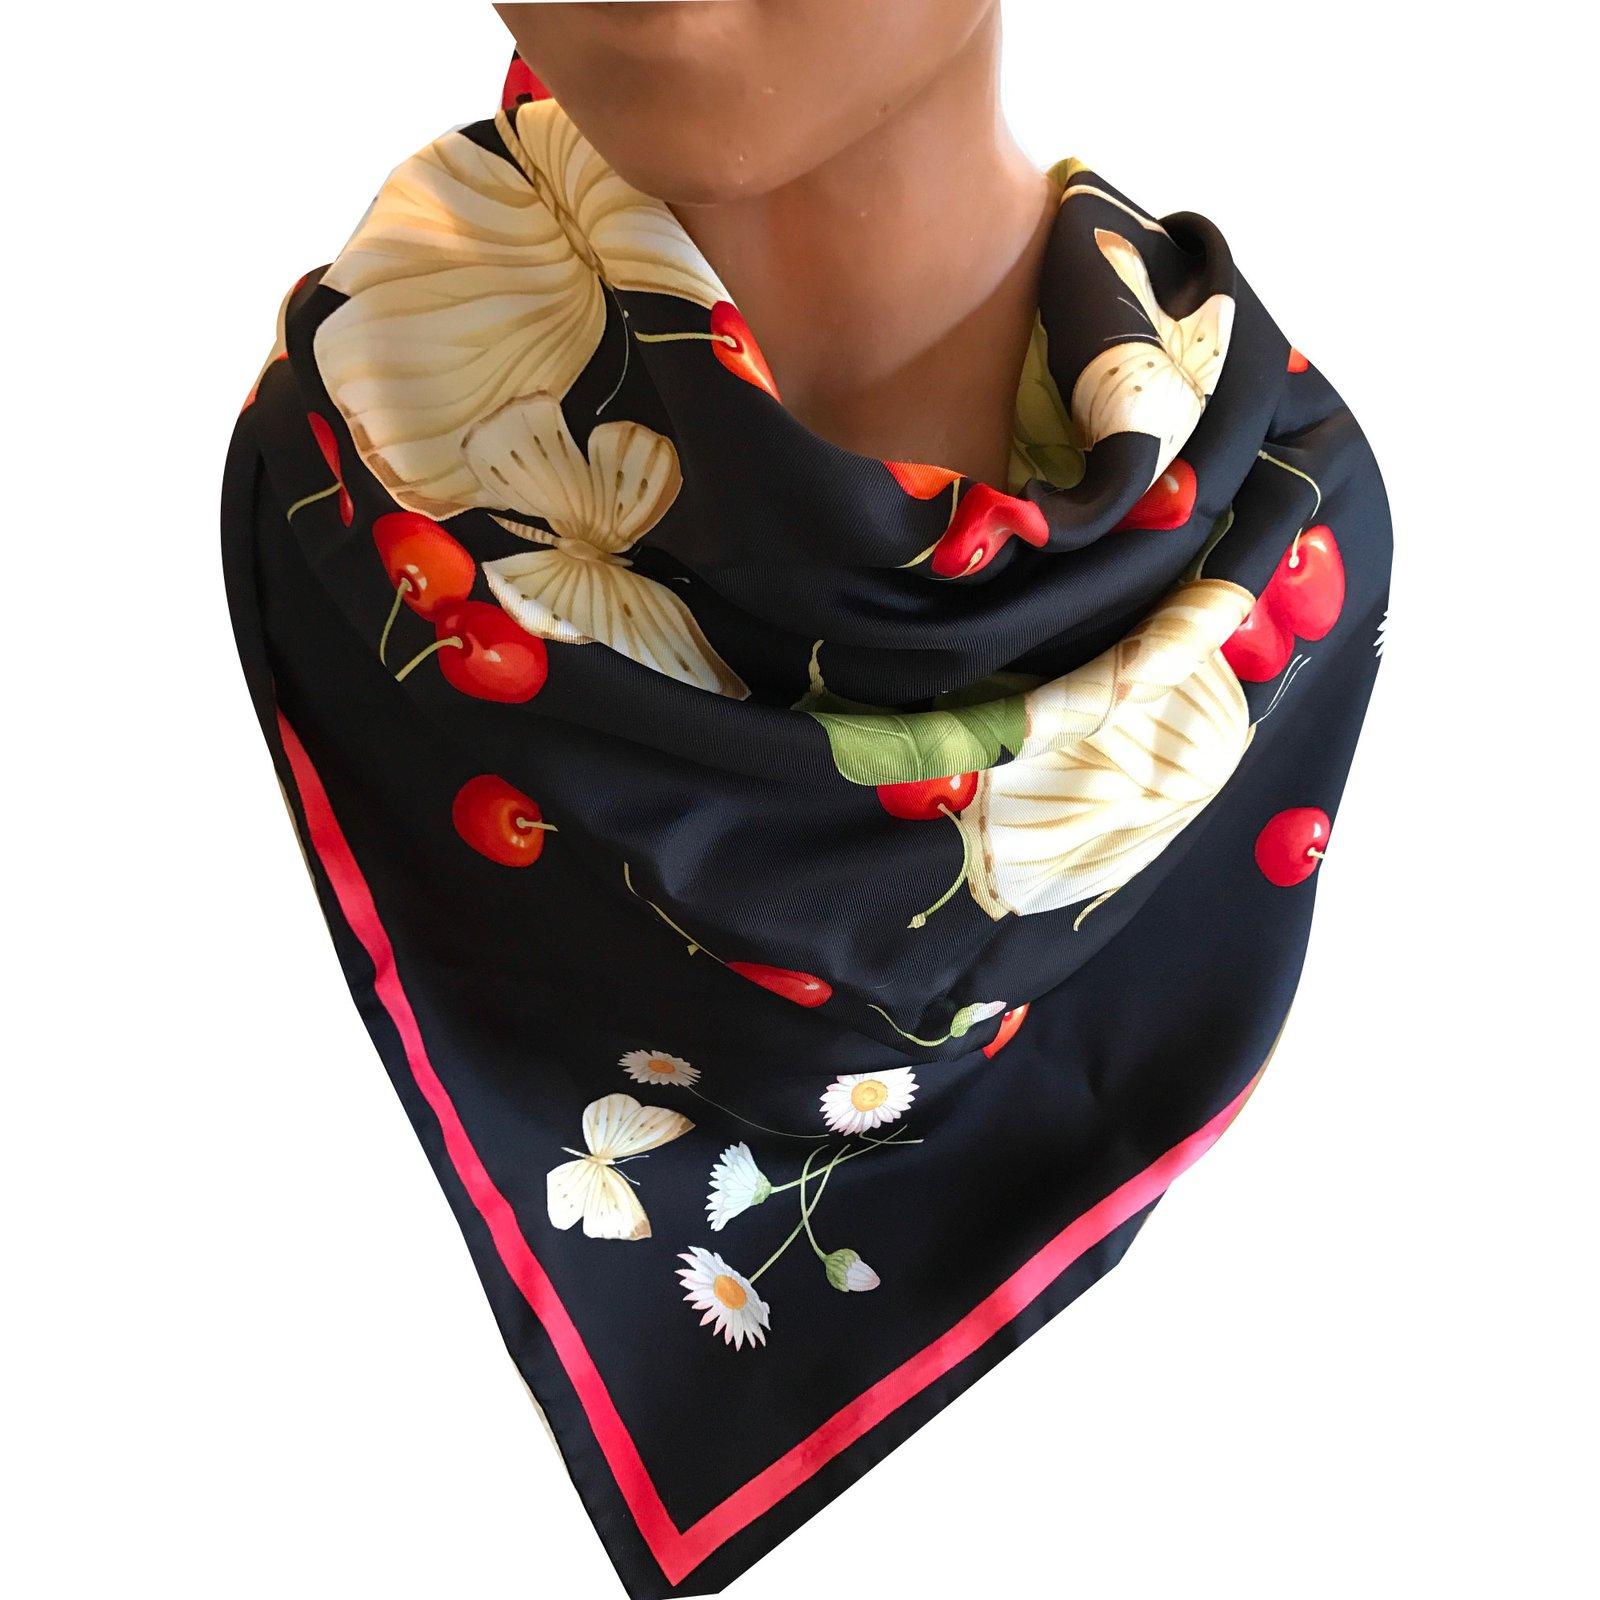 Foulards Salvatore Ferragamo Papillons cerises marguerites Soie Multicolore  ref.39544 0ebabaad7fa